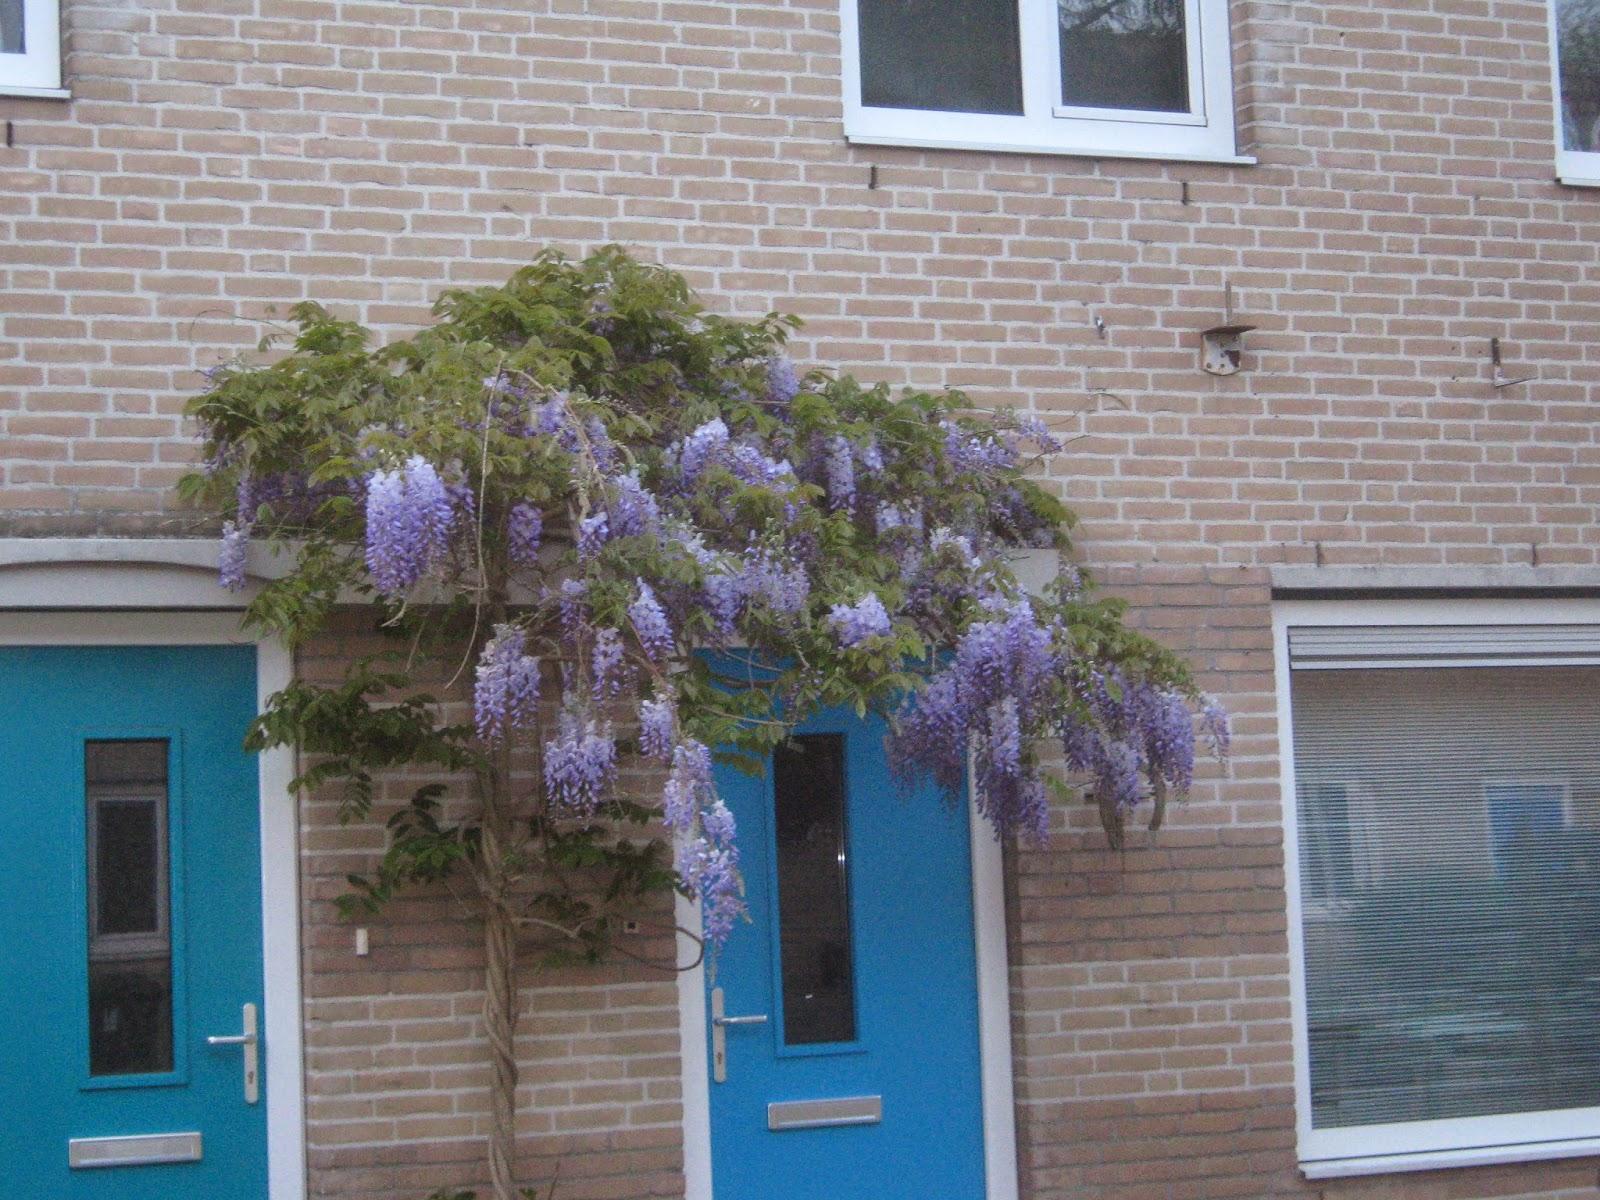 Beijumnieuws een mooi entree van je huis - Deco entree in het huis ...